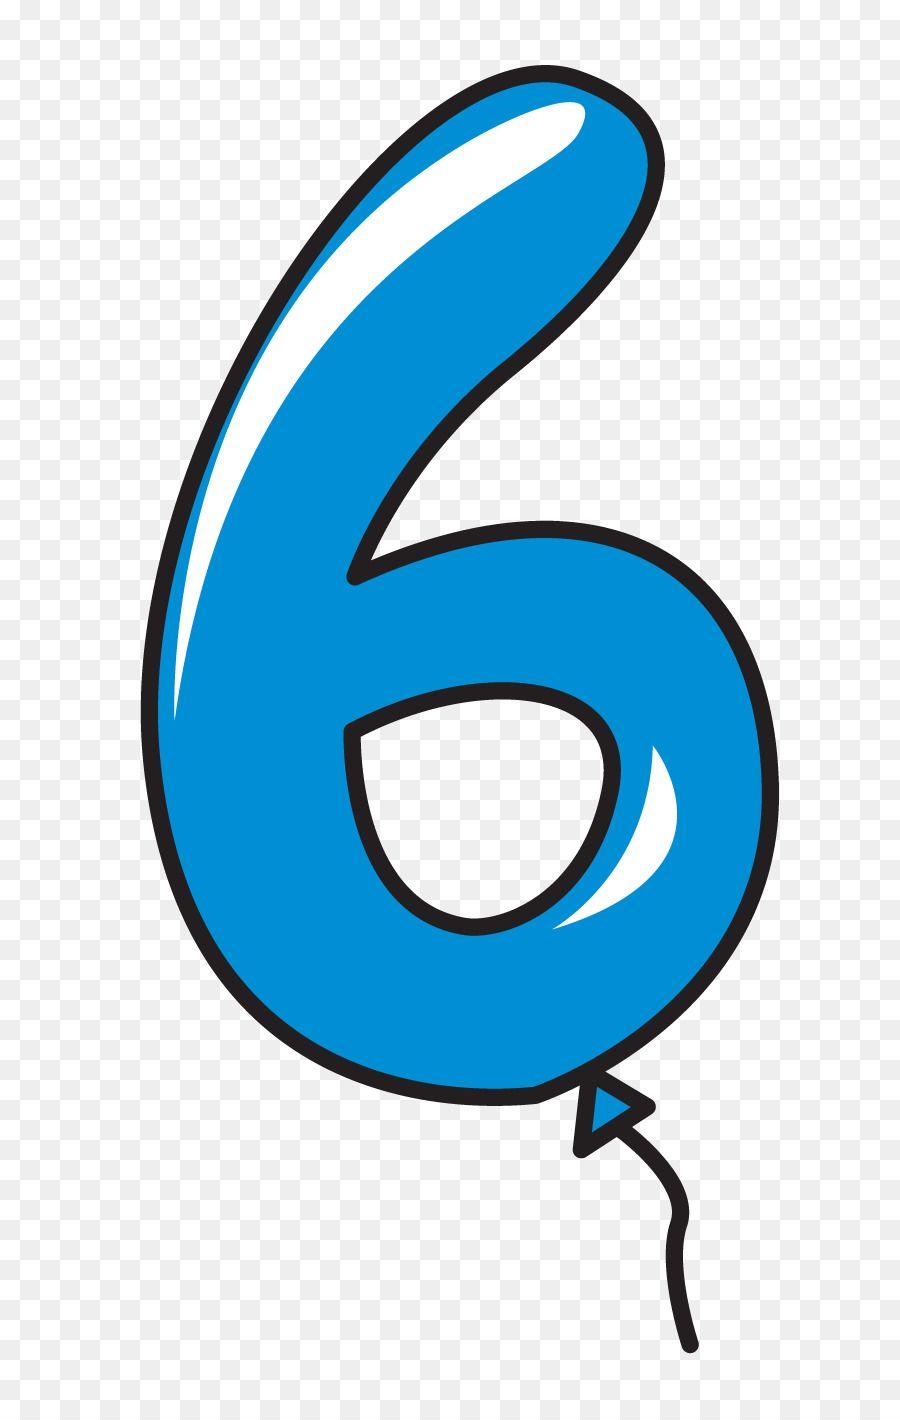 ما تفسير رقم 6 ستة في المنام تفسير ابن سيرين تفسير النابلسي تفسير حلم رقم 6 حلم رقم 6 Symbols Ampersand